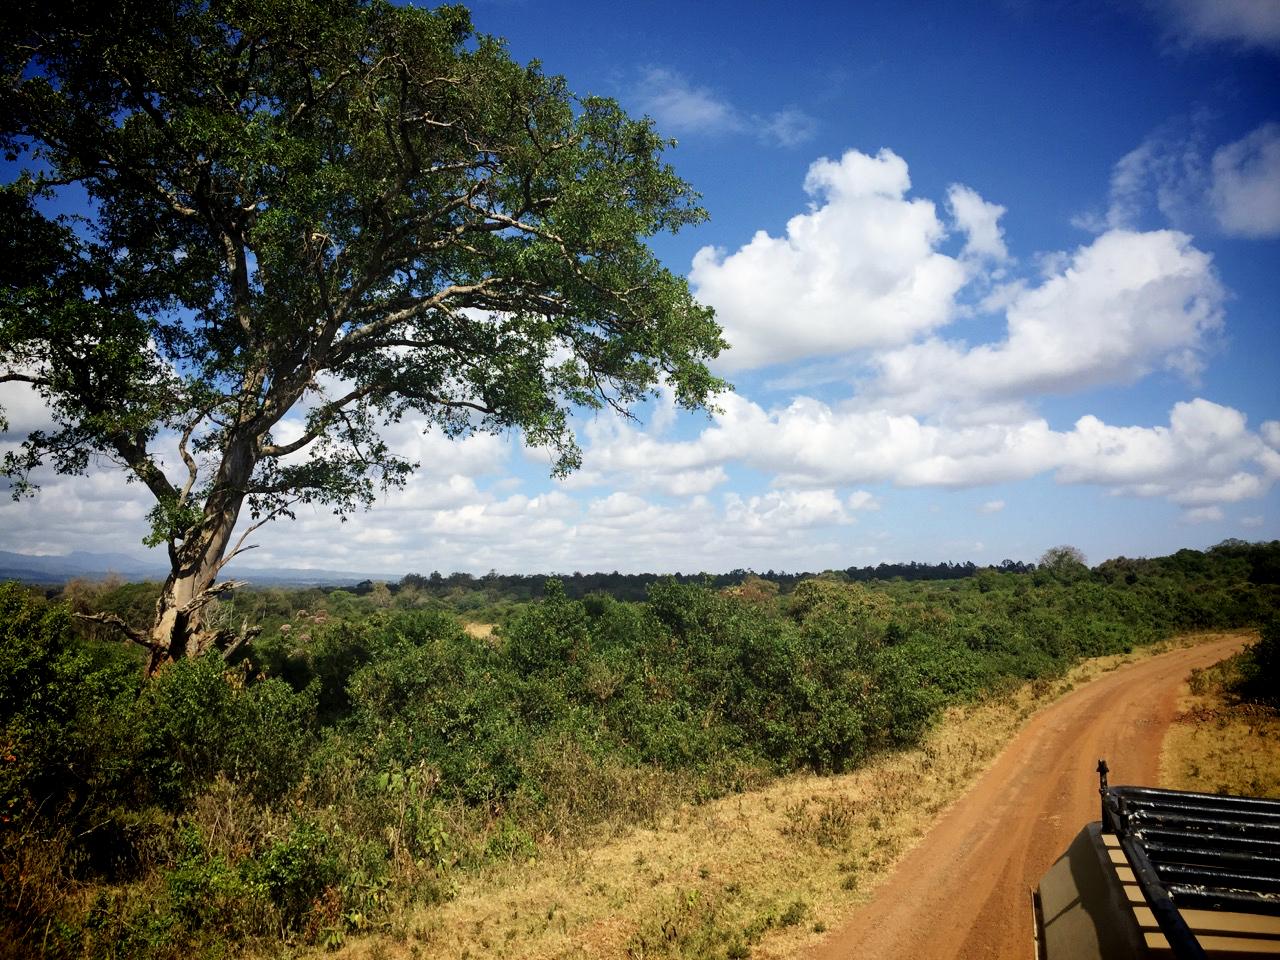 Stressbewältigungsseminar in Kenia - Aberdares